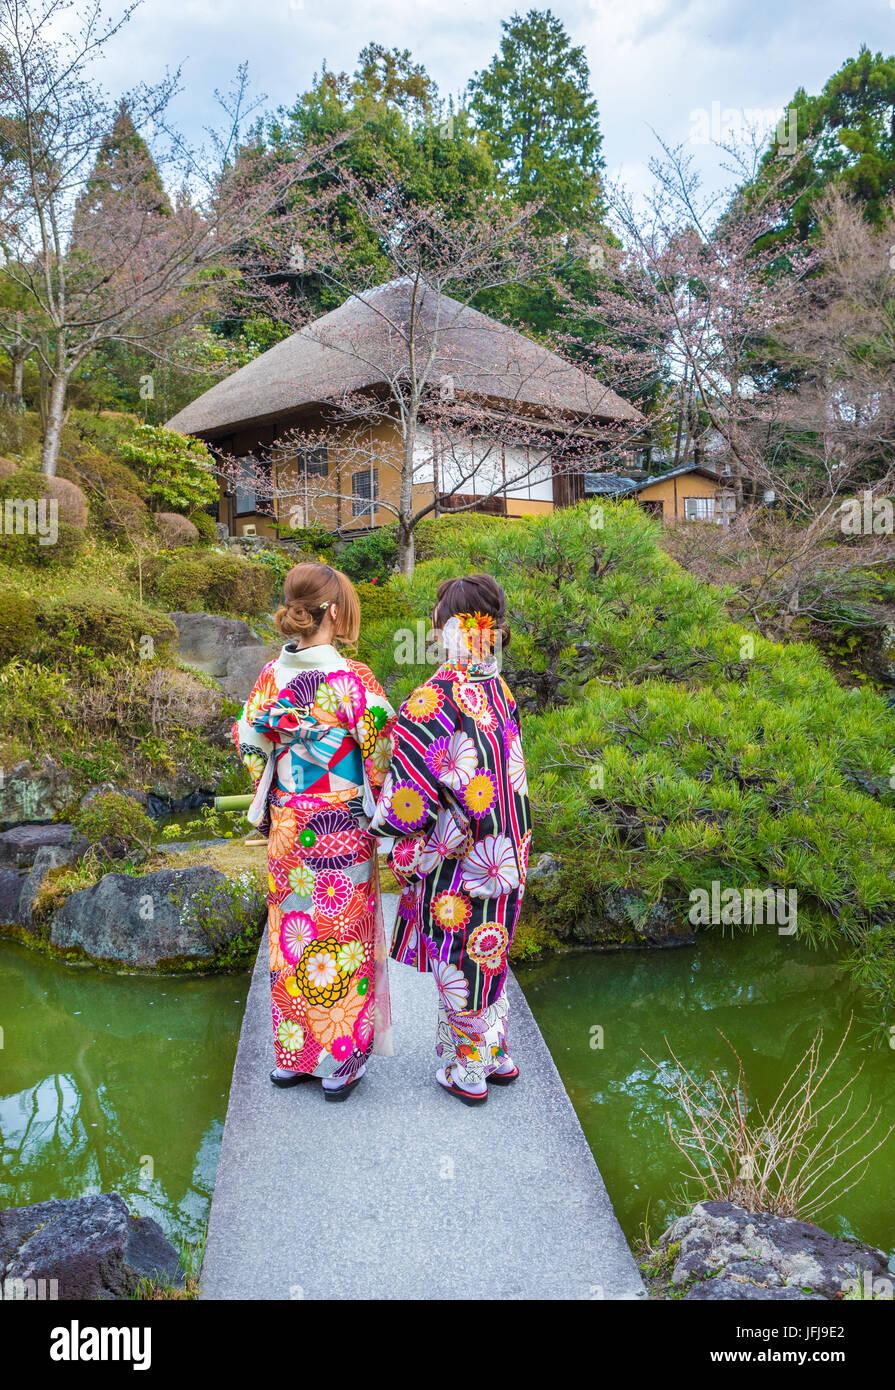 Giappone, Kyoto City, ragazze in giardino Immagini Stock